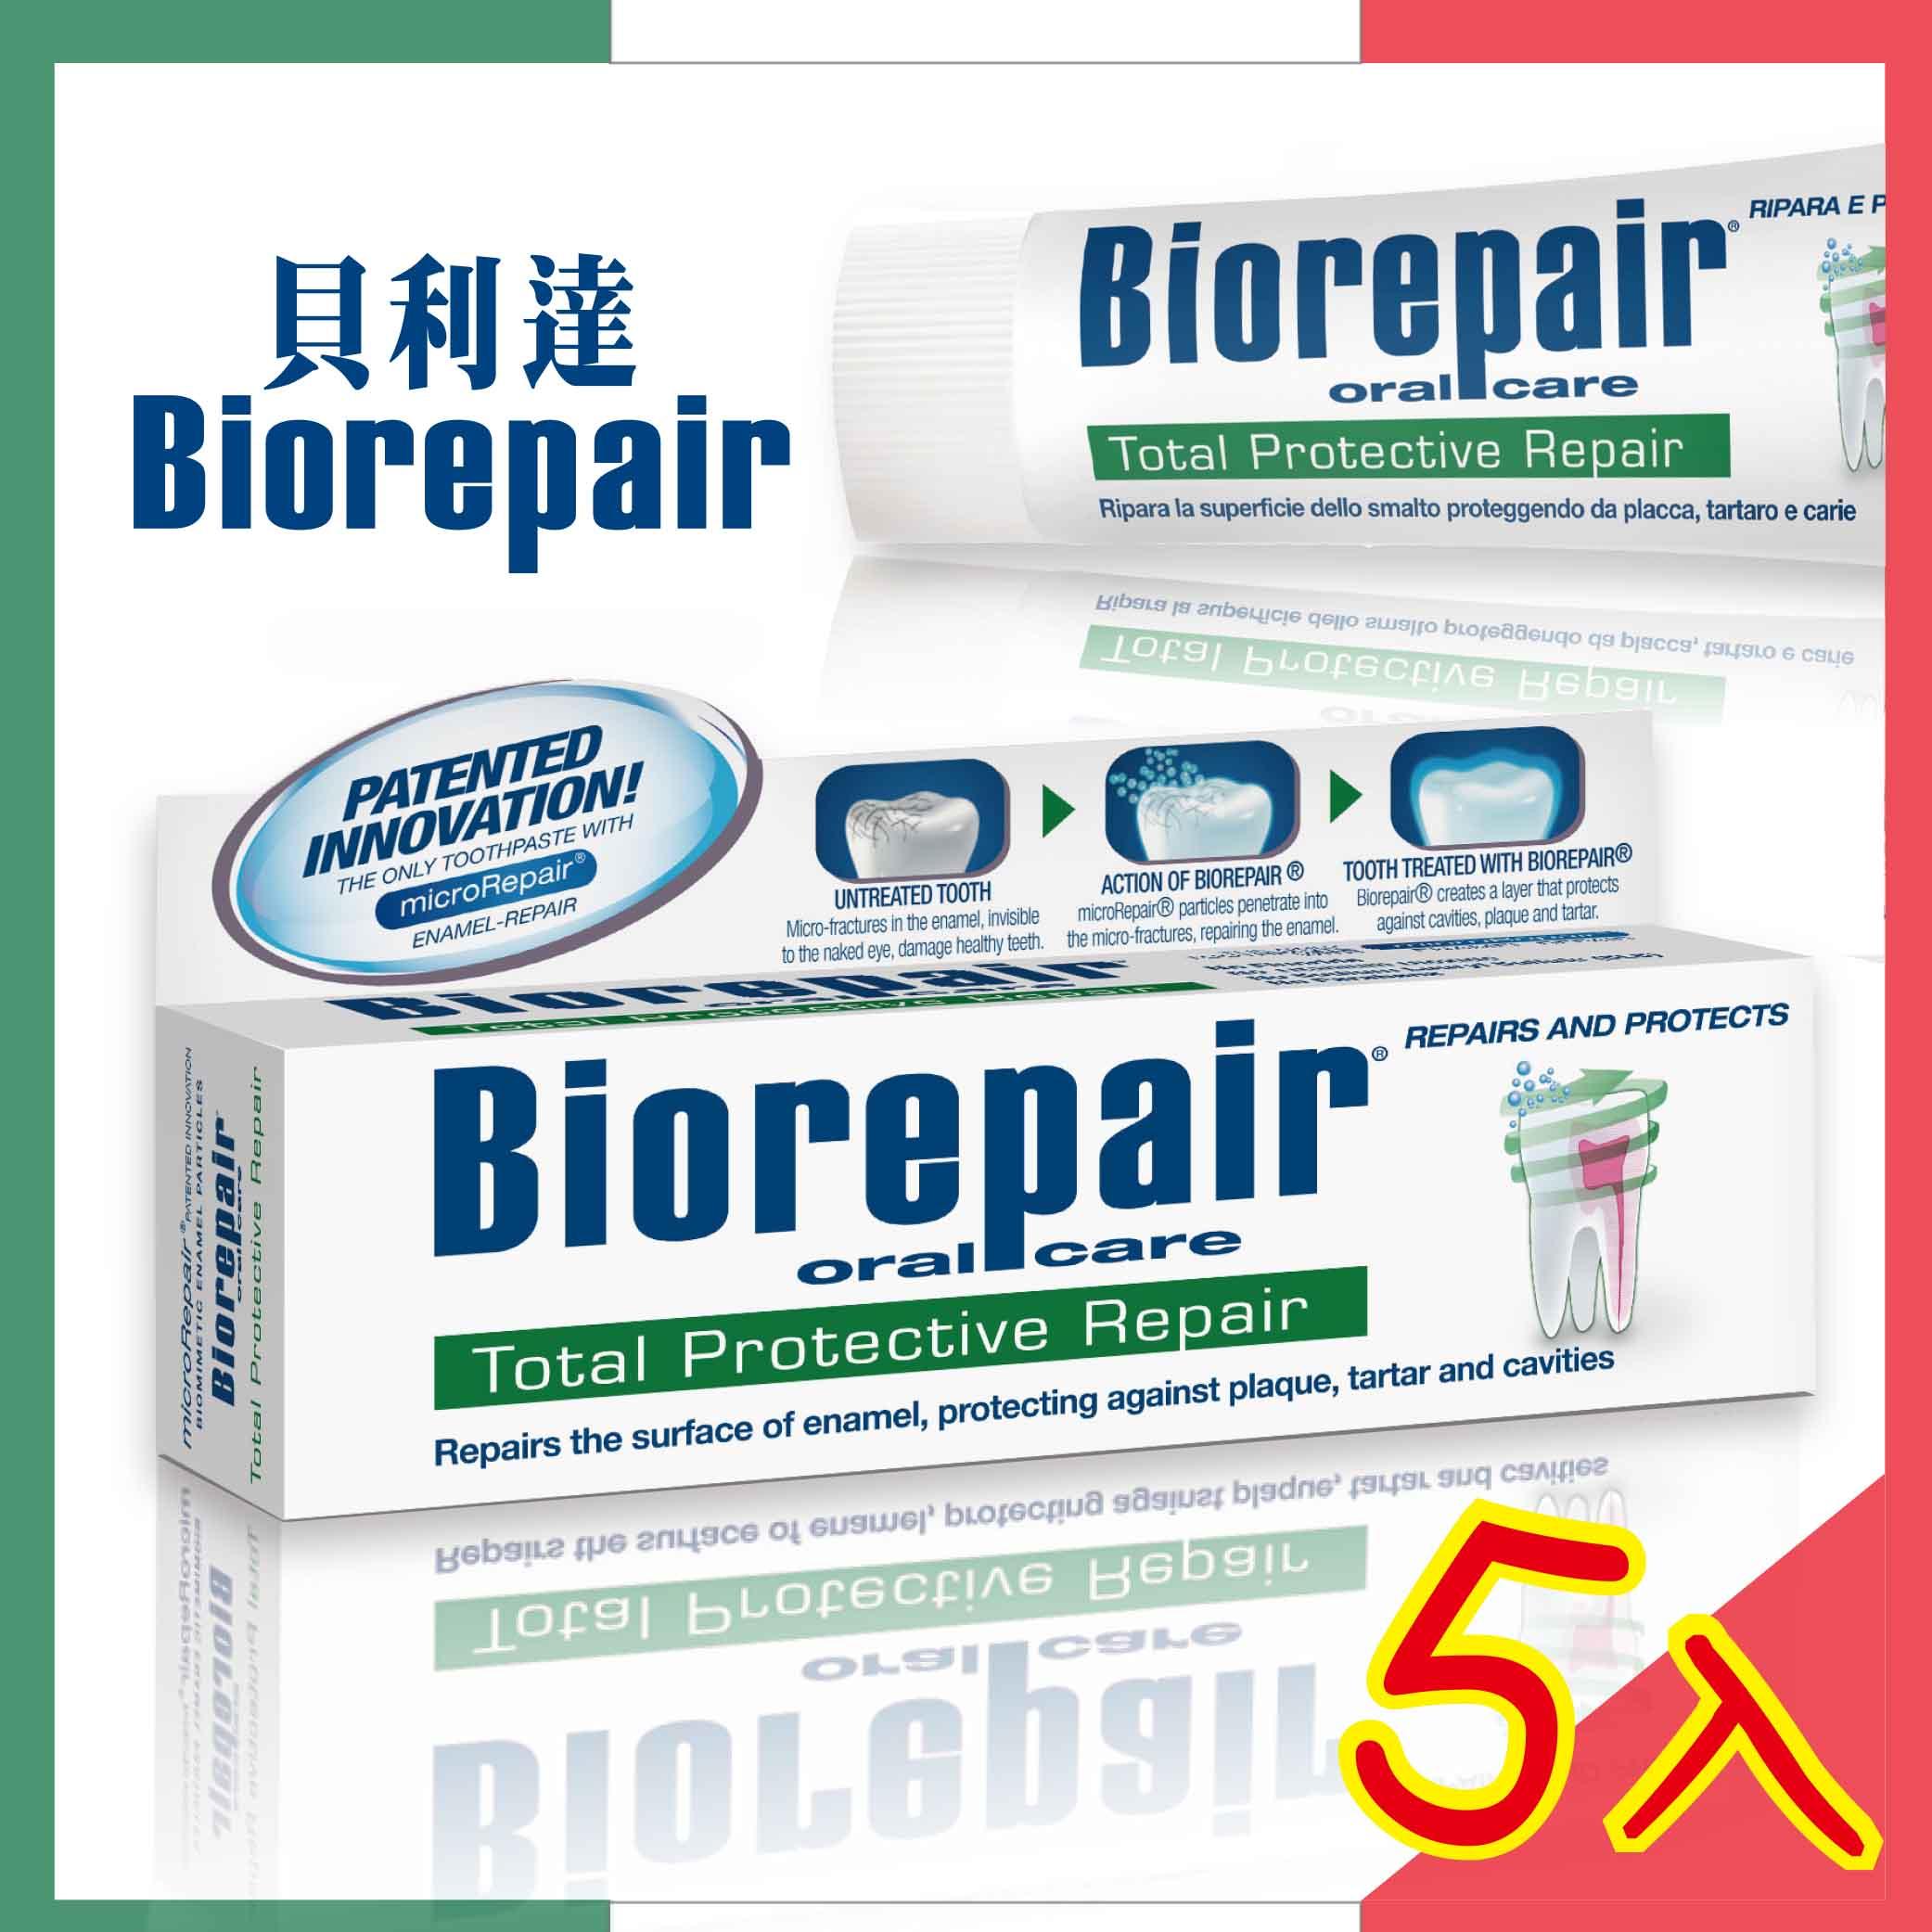 全效防護牙膏x5-75ml【貝利達】義大利原裝進口 0